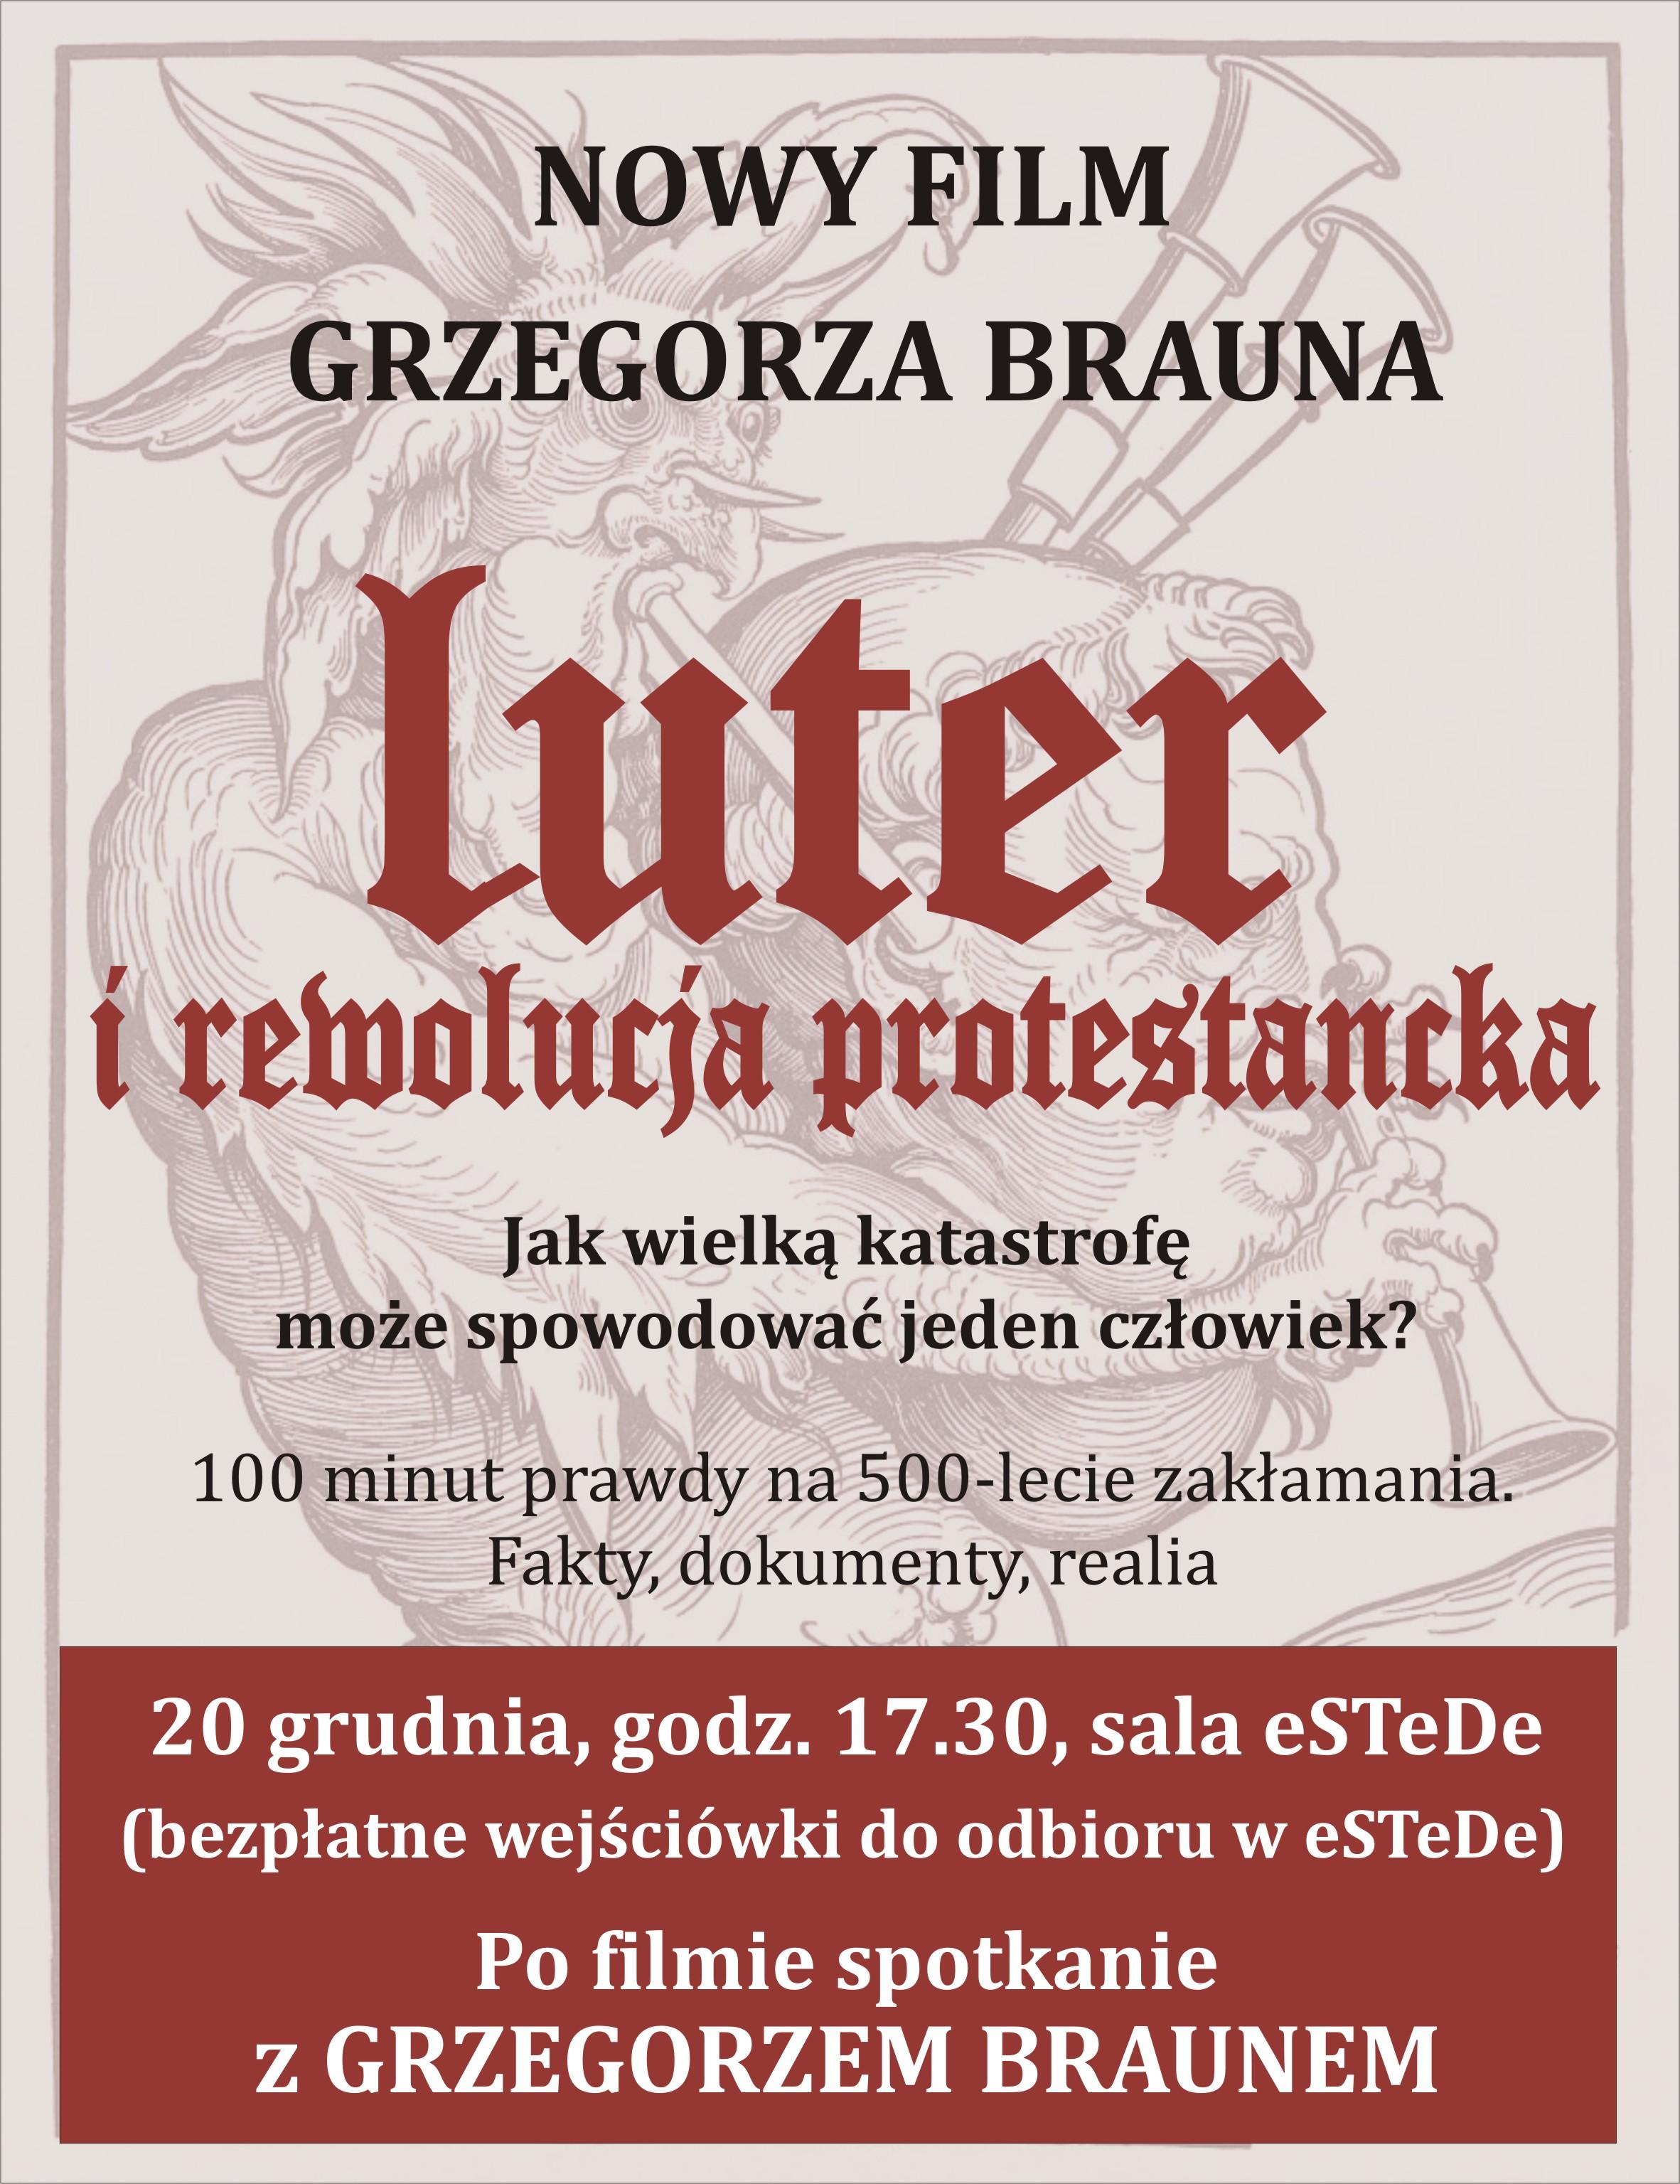 Luter i rewolucja protestancka [2017] PL.DVDRip.Xv iD-HFu.avi